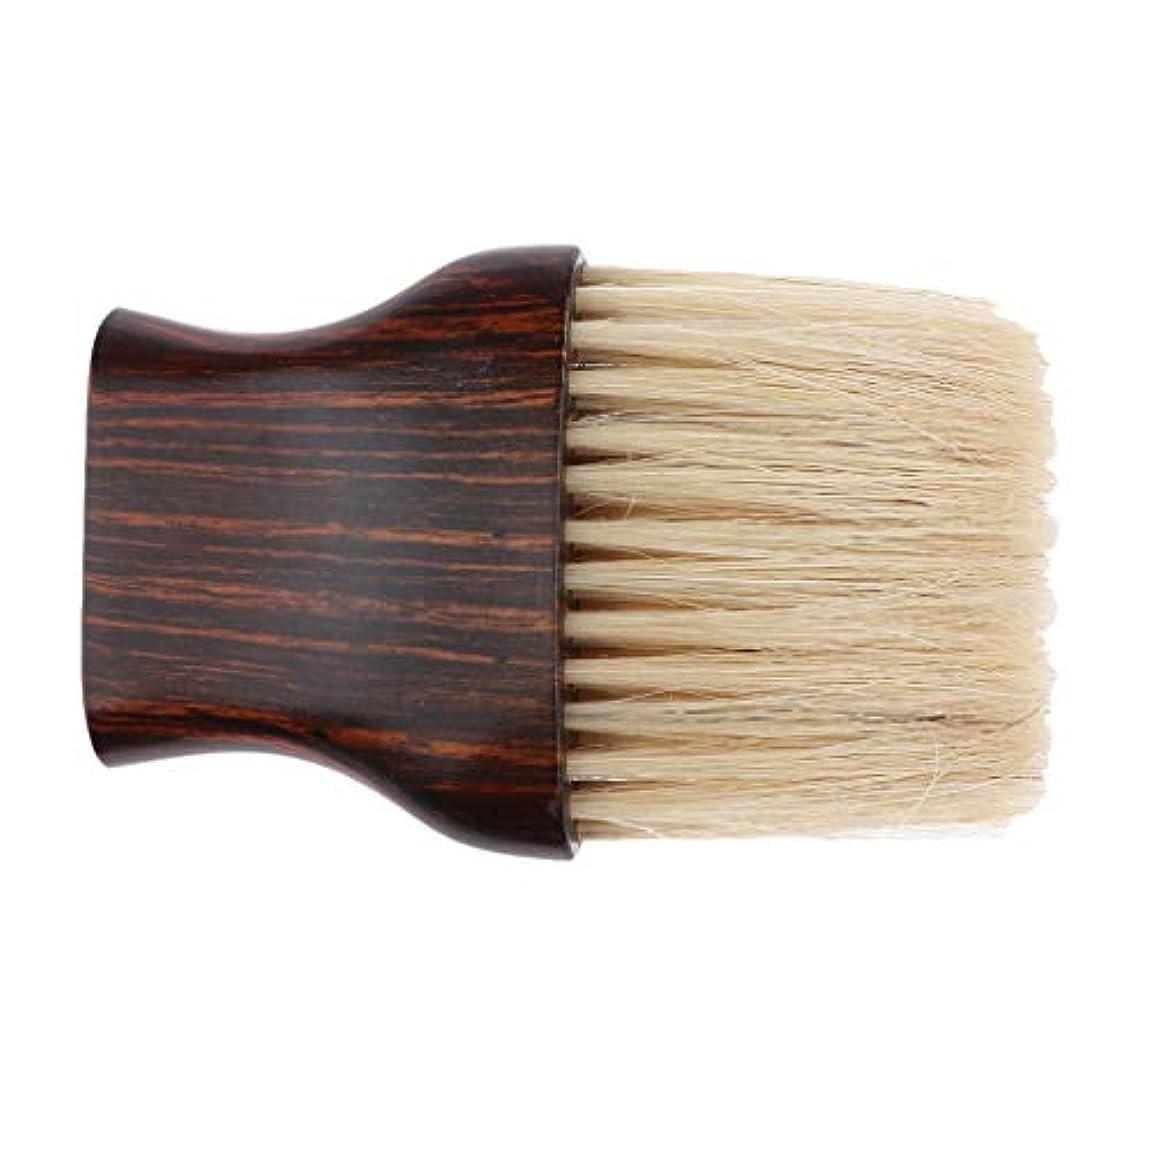 組立圧縮されたダイバー理髪 ネックダスターブラシ クリーニング ヘアブラシ ヘアスイープブラシ サロンヘアカット ツール